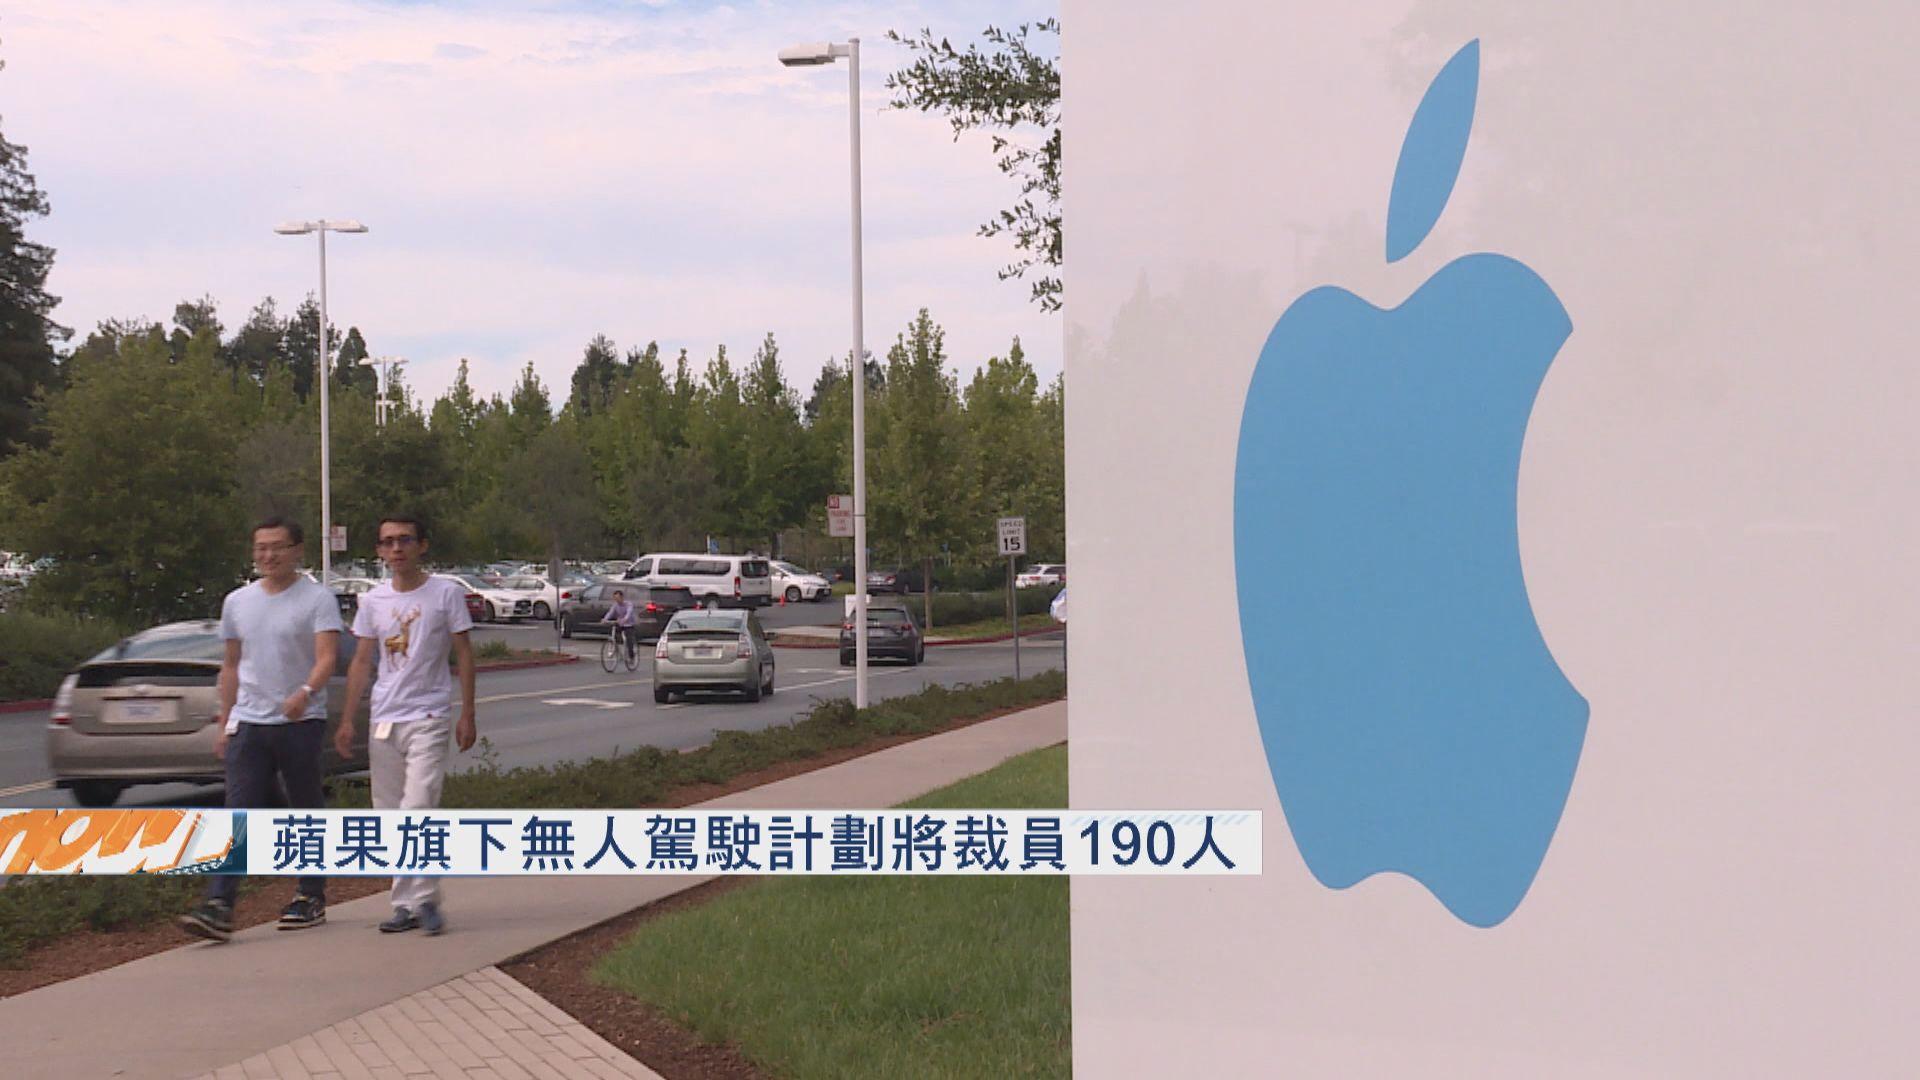 蘋果旗下無人駕駛計劃將裁員190人